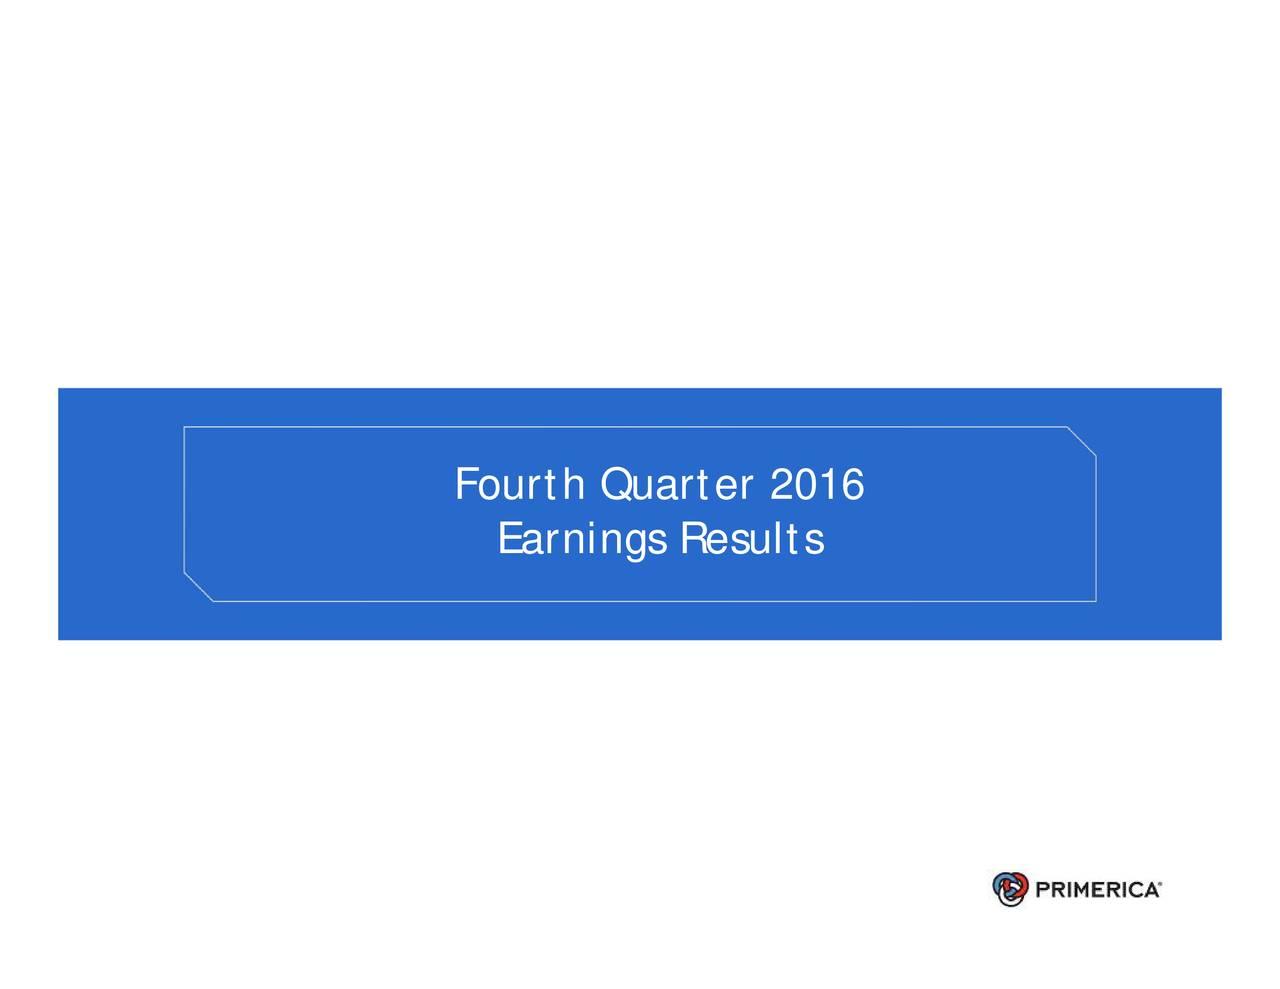 Fourth Quarter 2016